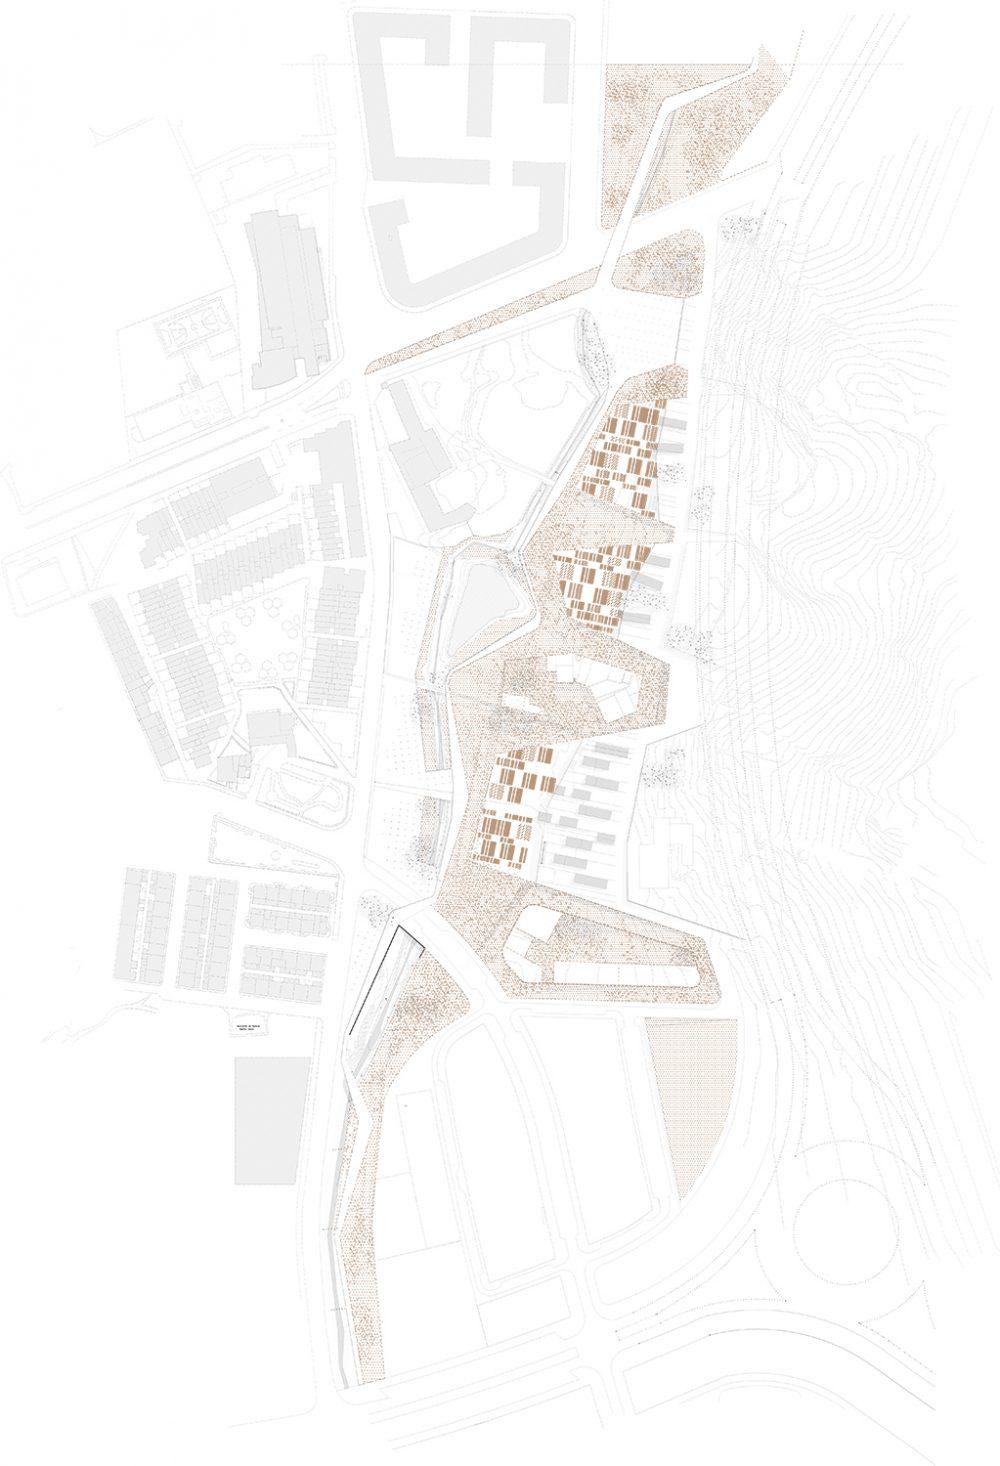 Europan 10 - AtelierBarda architecture - Espagne -Plan masse